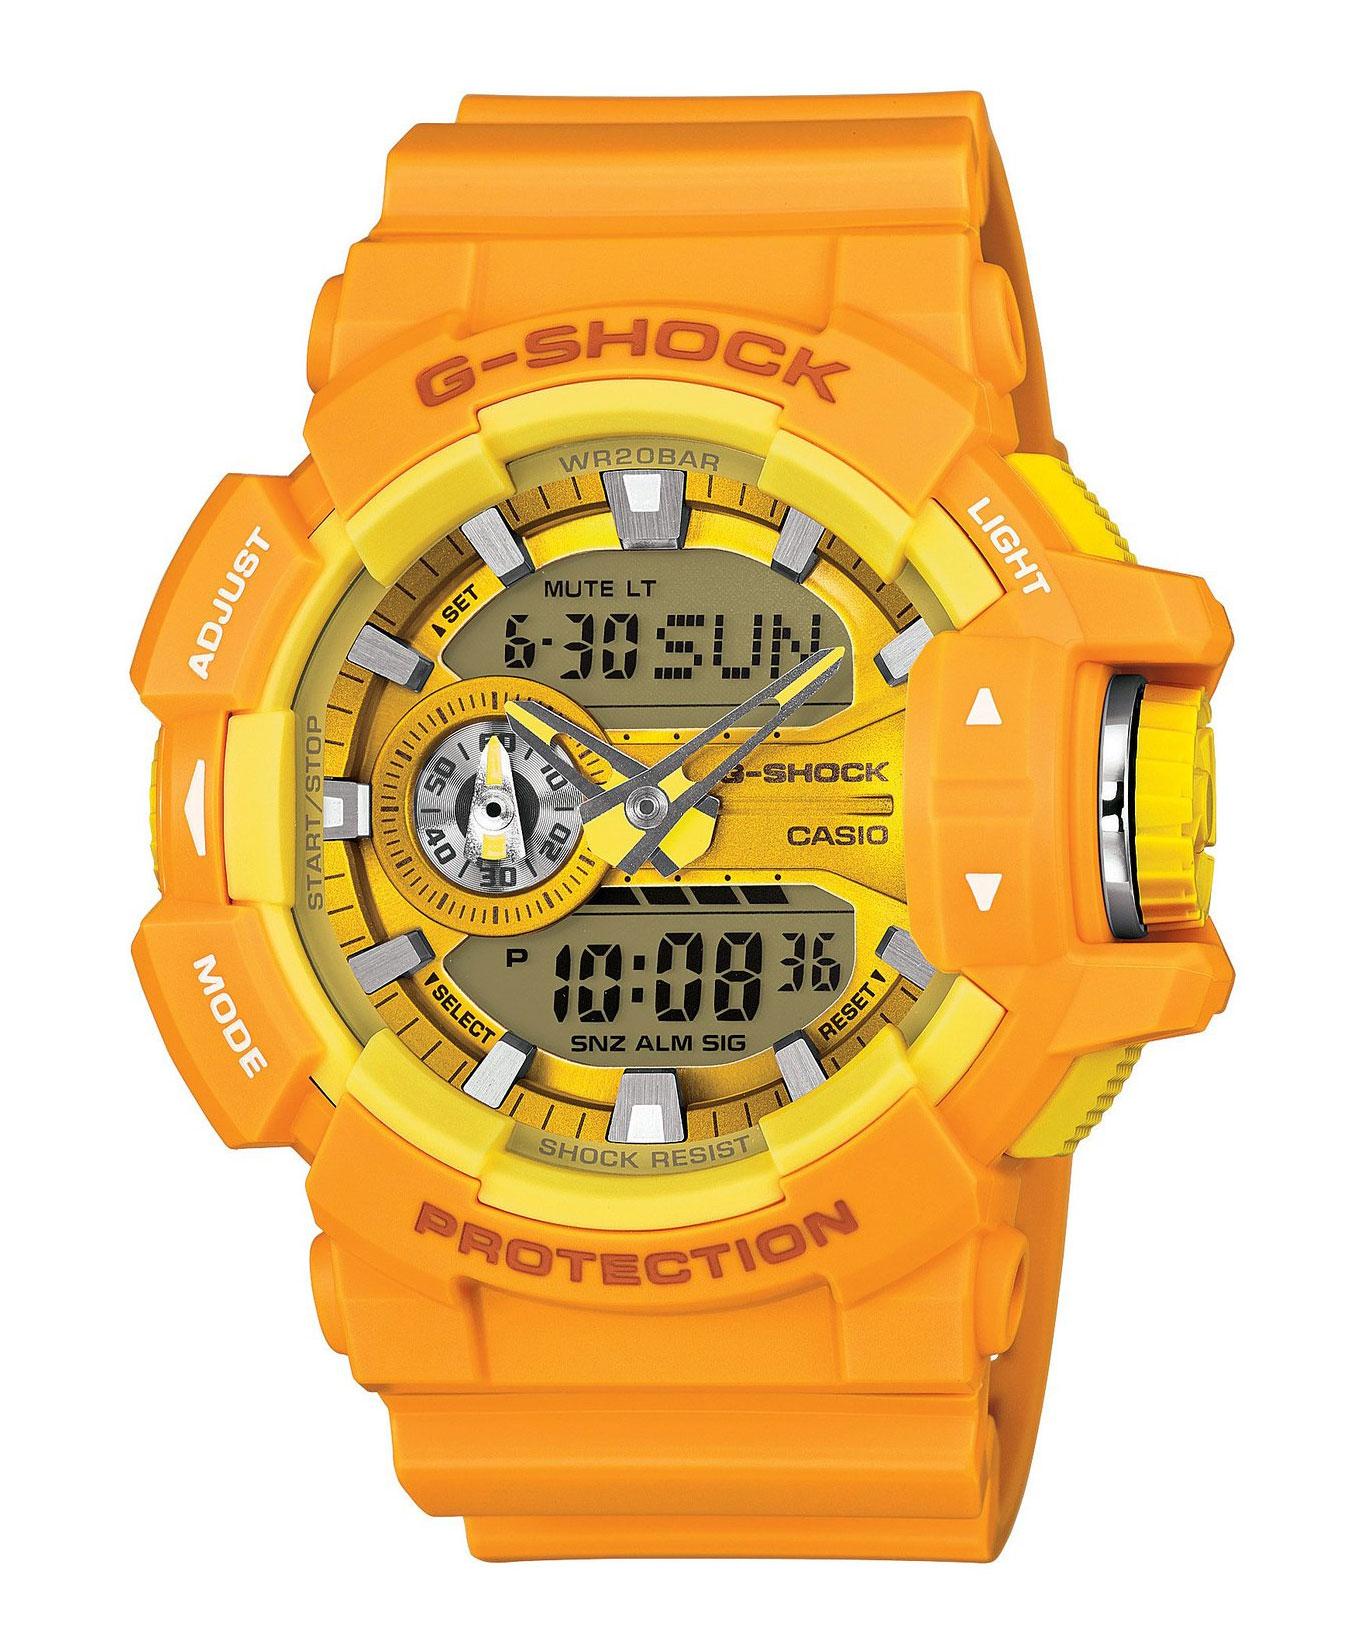 Часы мужские наручные Casio G-SHOCK, цвет: оранжевый, желтый. GA-400A-9AEQW-M710DB-1A1Стильные мужские часы Casio G-SHOCK выполнены из полимерных материалов и минерального стекла. Изделие дополнено светодиодной подсветкой высокой яркости, корпус часов оформлен символикой бренда. В часах предусмотрен аналоговый и цифровой отсчет времени. Часы оснащены функцией мирового времени, которая позволяет мгновенно выяснять текущее время. Часы могут быть настроены на подачу тонального или светового сигнала при наступлении выставленного времени. Функция таймера позволит обеспечить обратный отсчет времени, начиная с выставленного и подачу тонального или светового сигнала, когда отсчет доходит до нуля. Функция секундомера позволит замерять прошедшее время в пределах тысячи часовс точностью 1/100 секунды. Степень влагозащиты 20 atm. Изделие дополнено ремешком из полимерного материала, который обладает антибактериальными и запахоустойчивыми свойствами. Ремешок застегивается на пряжку, позволяющую максимально комфортно и быстро снимать и одевать часы.Часы поставляются в фирменной упаковке.Многофункциональные часы Casio G-SHOCK подчеркнут мужской характер и отменное чувство стиля у их обладателя.